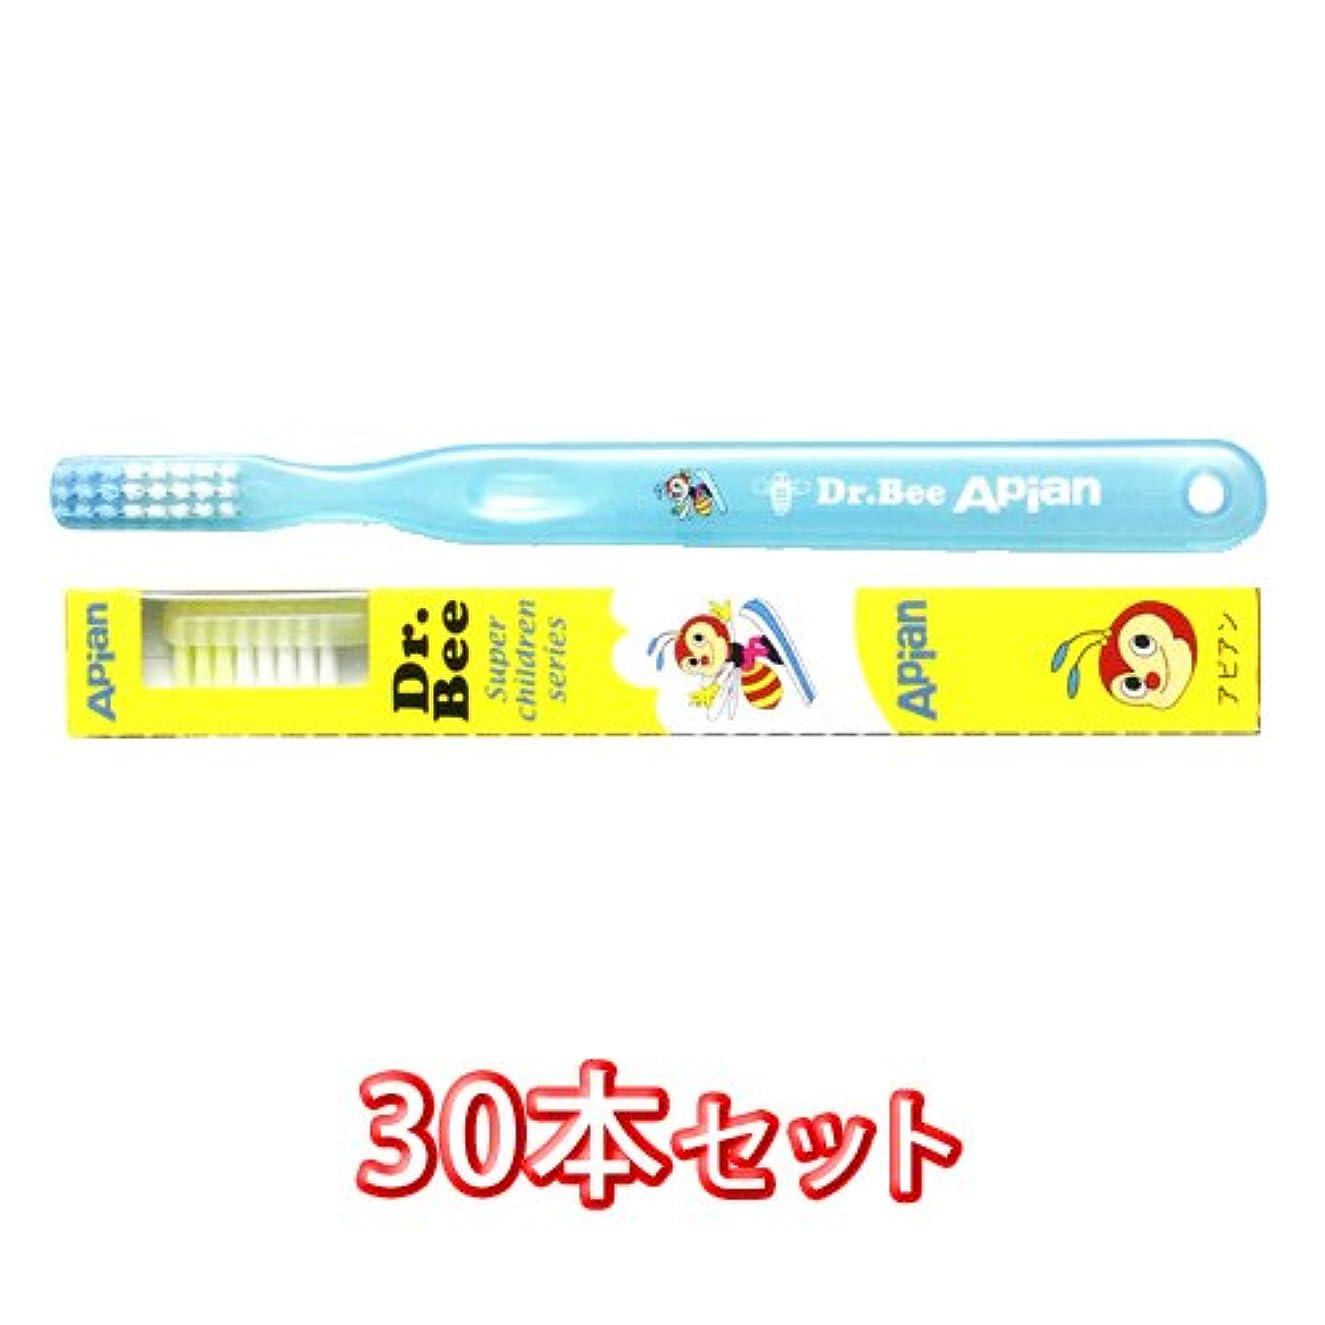 ファンシー教科書重要な役割を果たす、中心的な手段となるビーブランド ビーアピアン 歯ブラシ 30本入